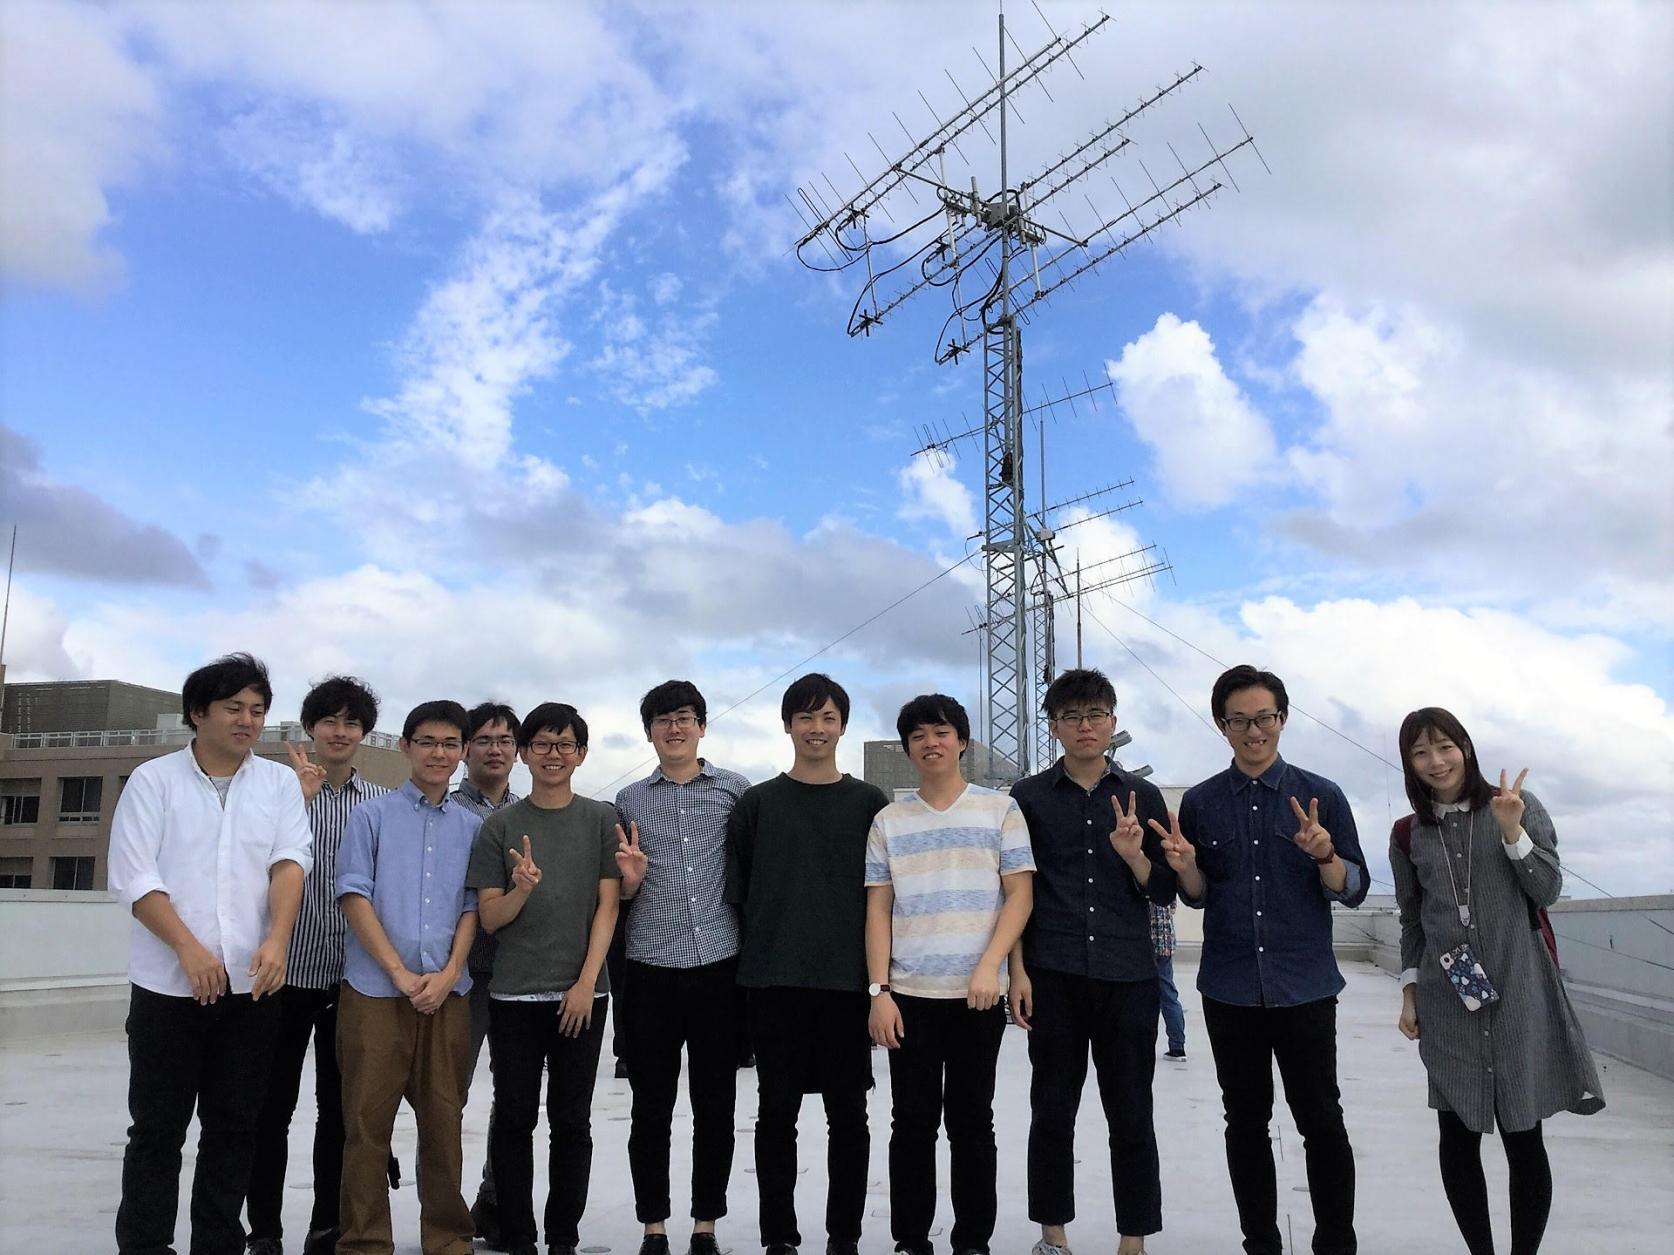 1月18日(金)JAXA人工衛星革新的衛星技術実証1号機を搭載したイプシロンロケット4号機打上げへ!<br>航空宇宙工学科 宇宙構造物システム研究室の学生達が開発した人工衛星「NEXUS」と株式会社ALEと宇宙科学研究室らが共同開発した人工衛星「ALE-1」搭載